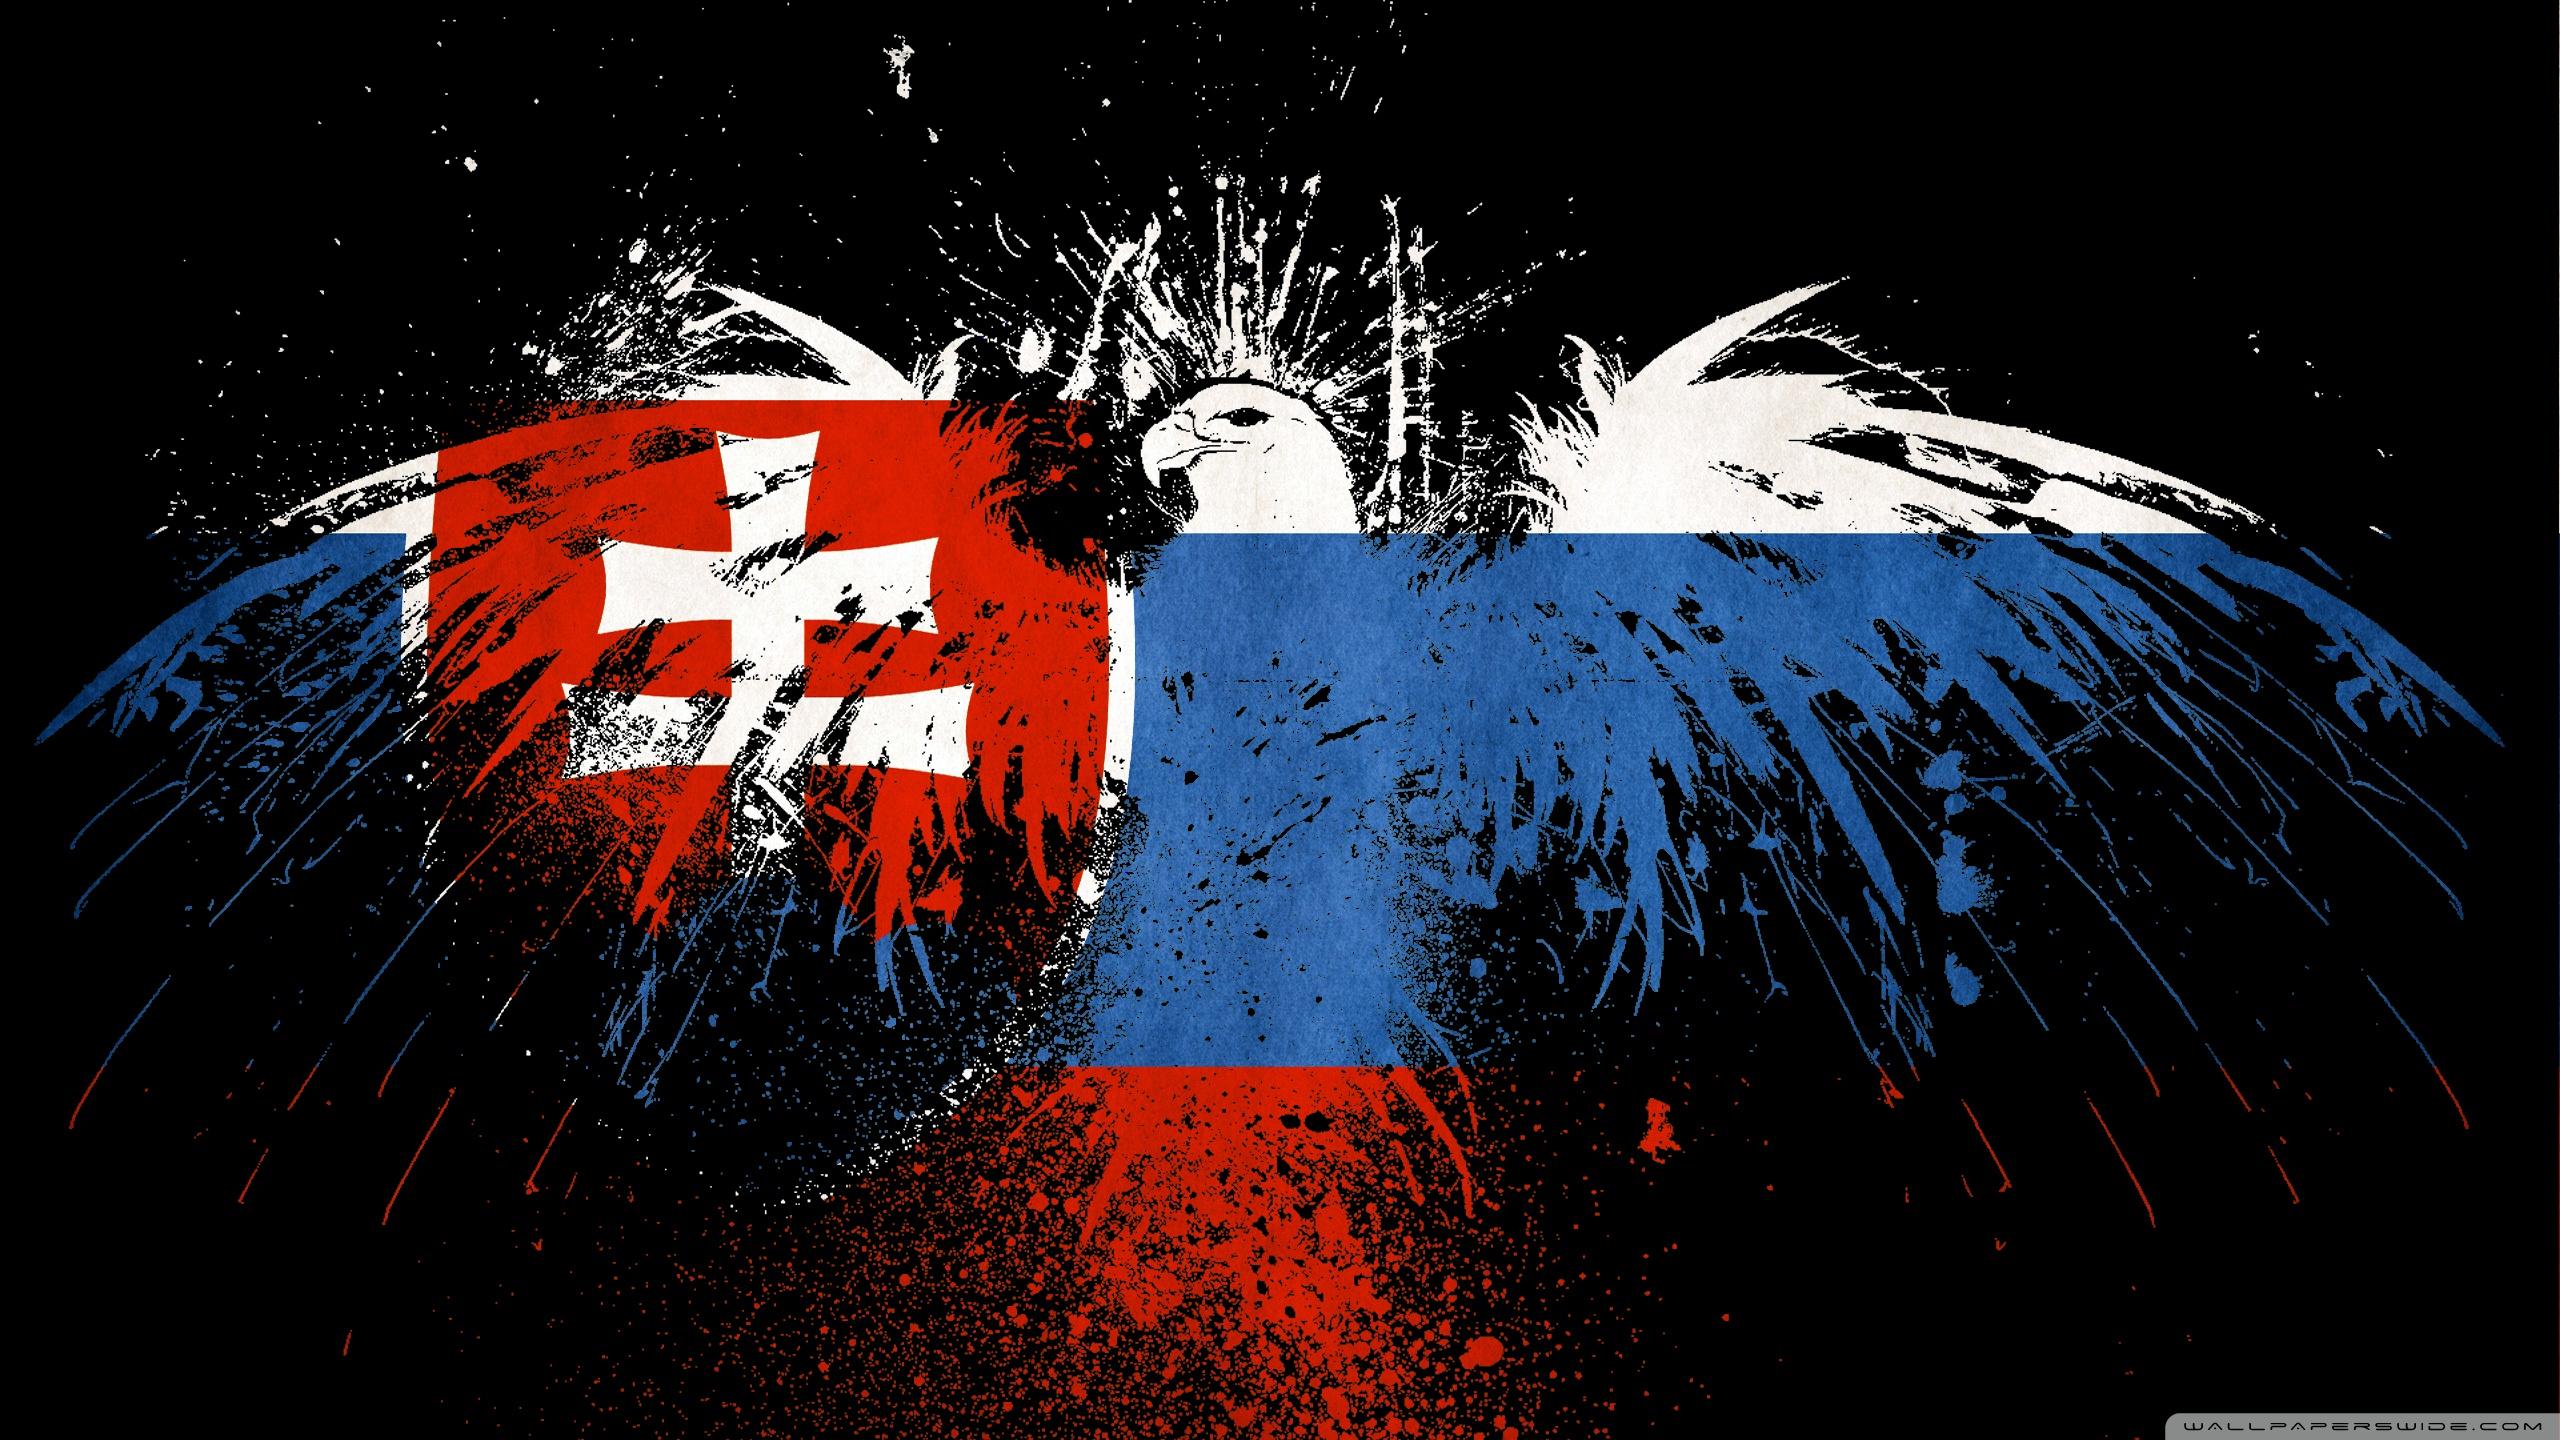 Grunge Flag Of Slovakia 4K HD Desktop Wallpaper for 4K Ultra HD 2560x1440